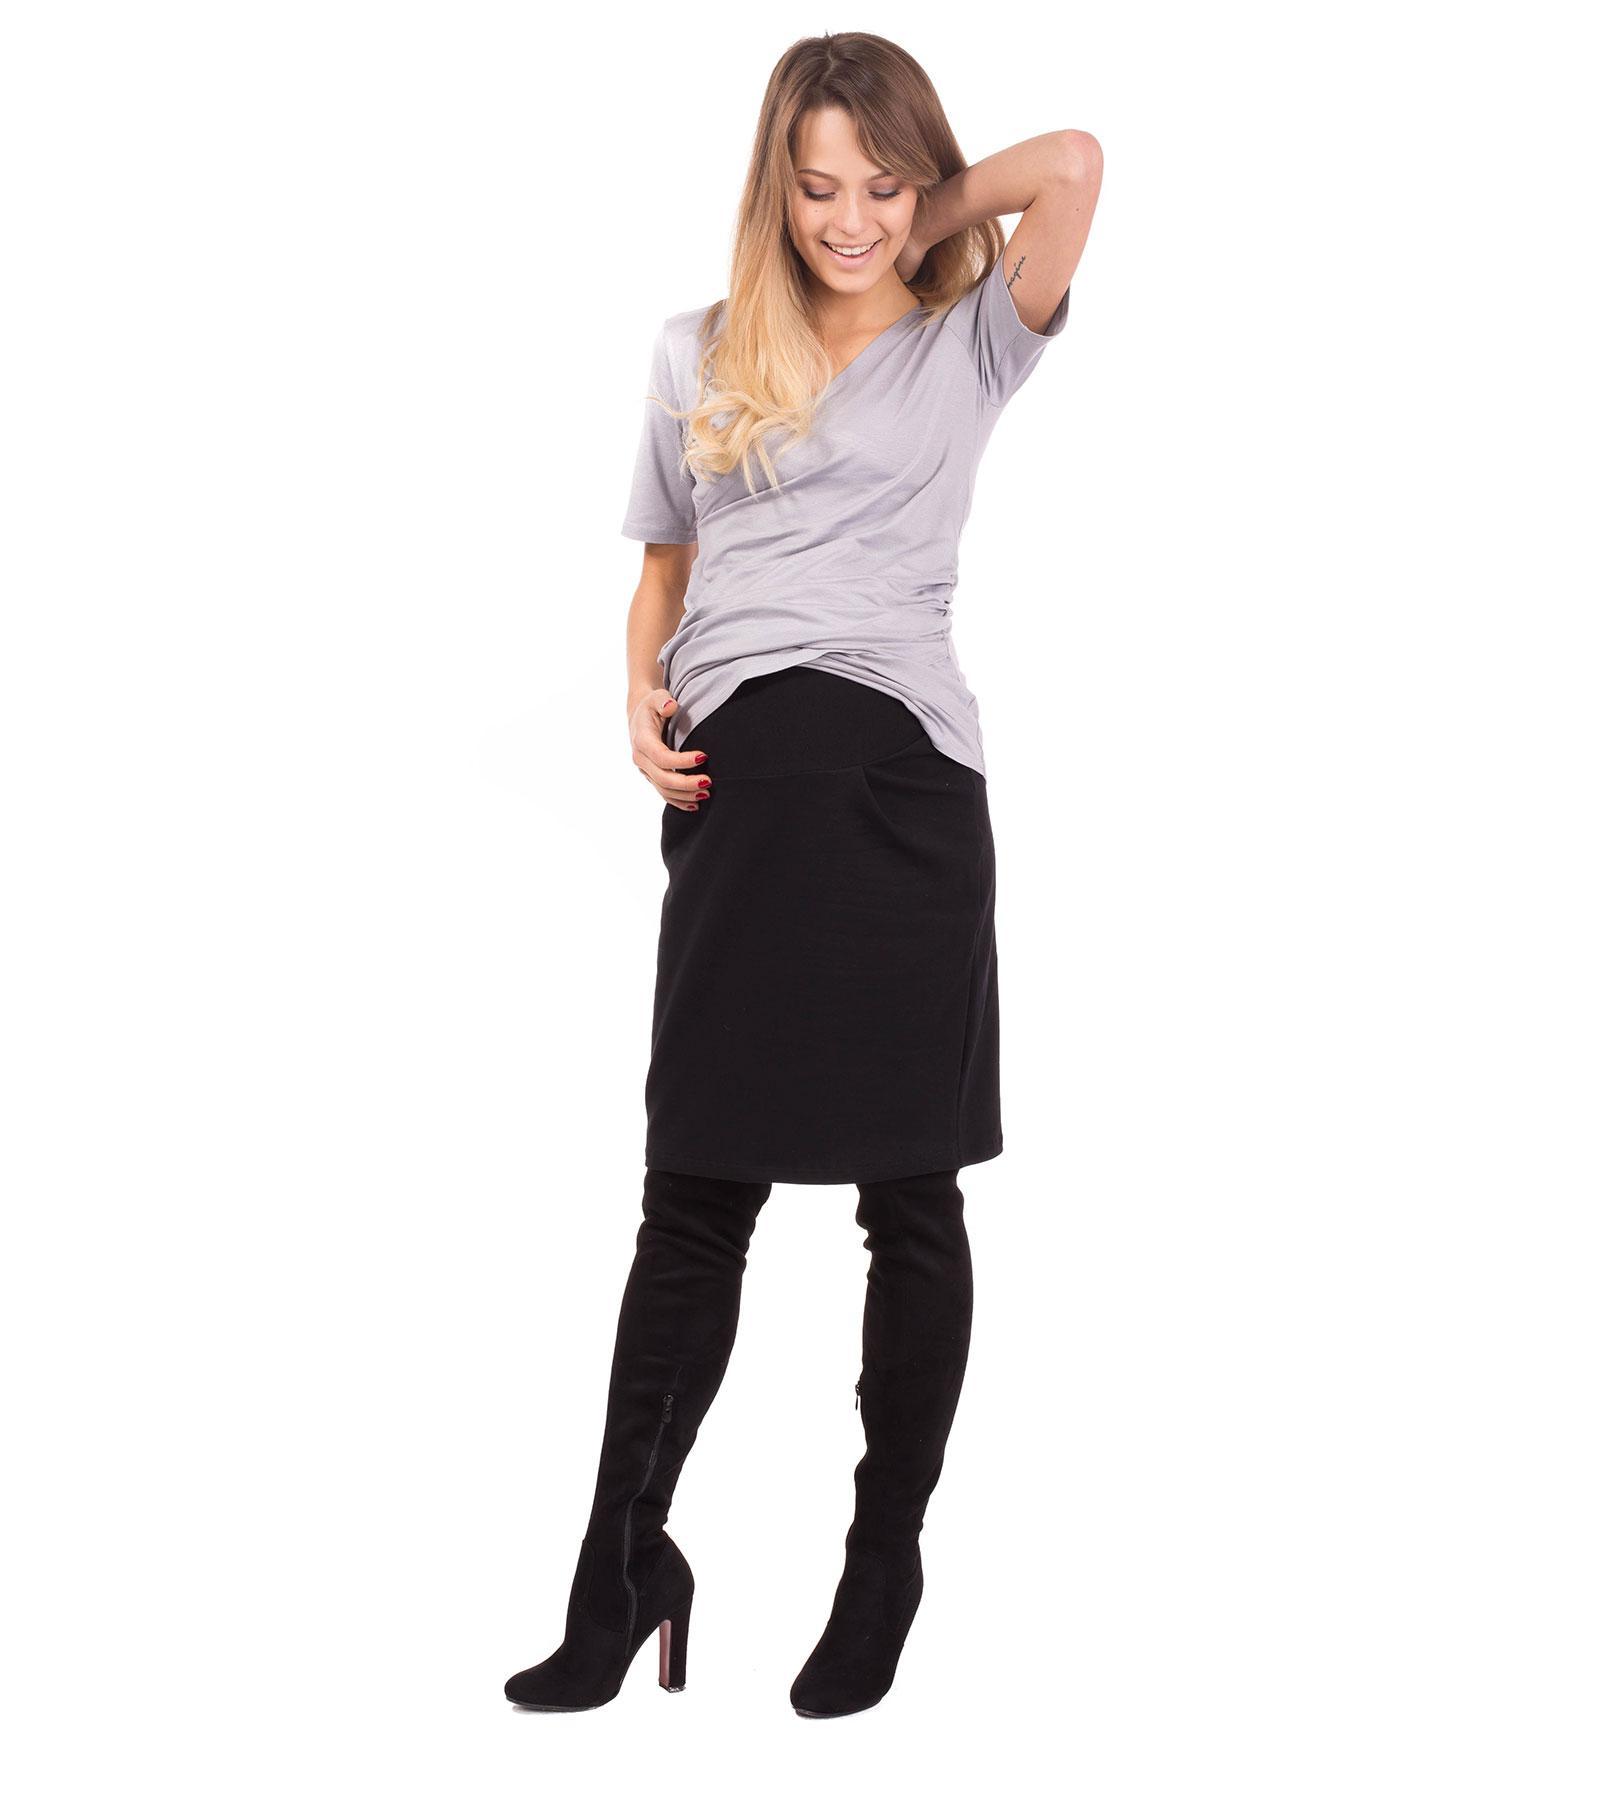 Czarna spódnica dla kobiet w ciąży Kelly Bensini®